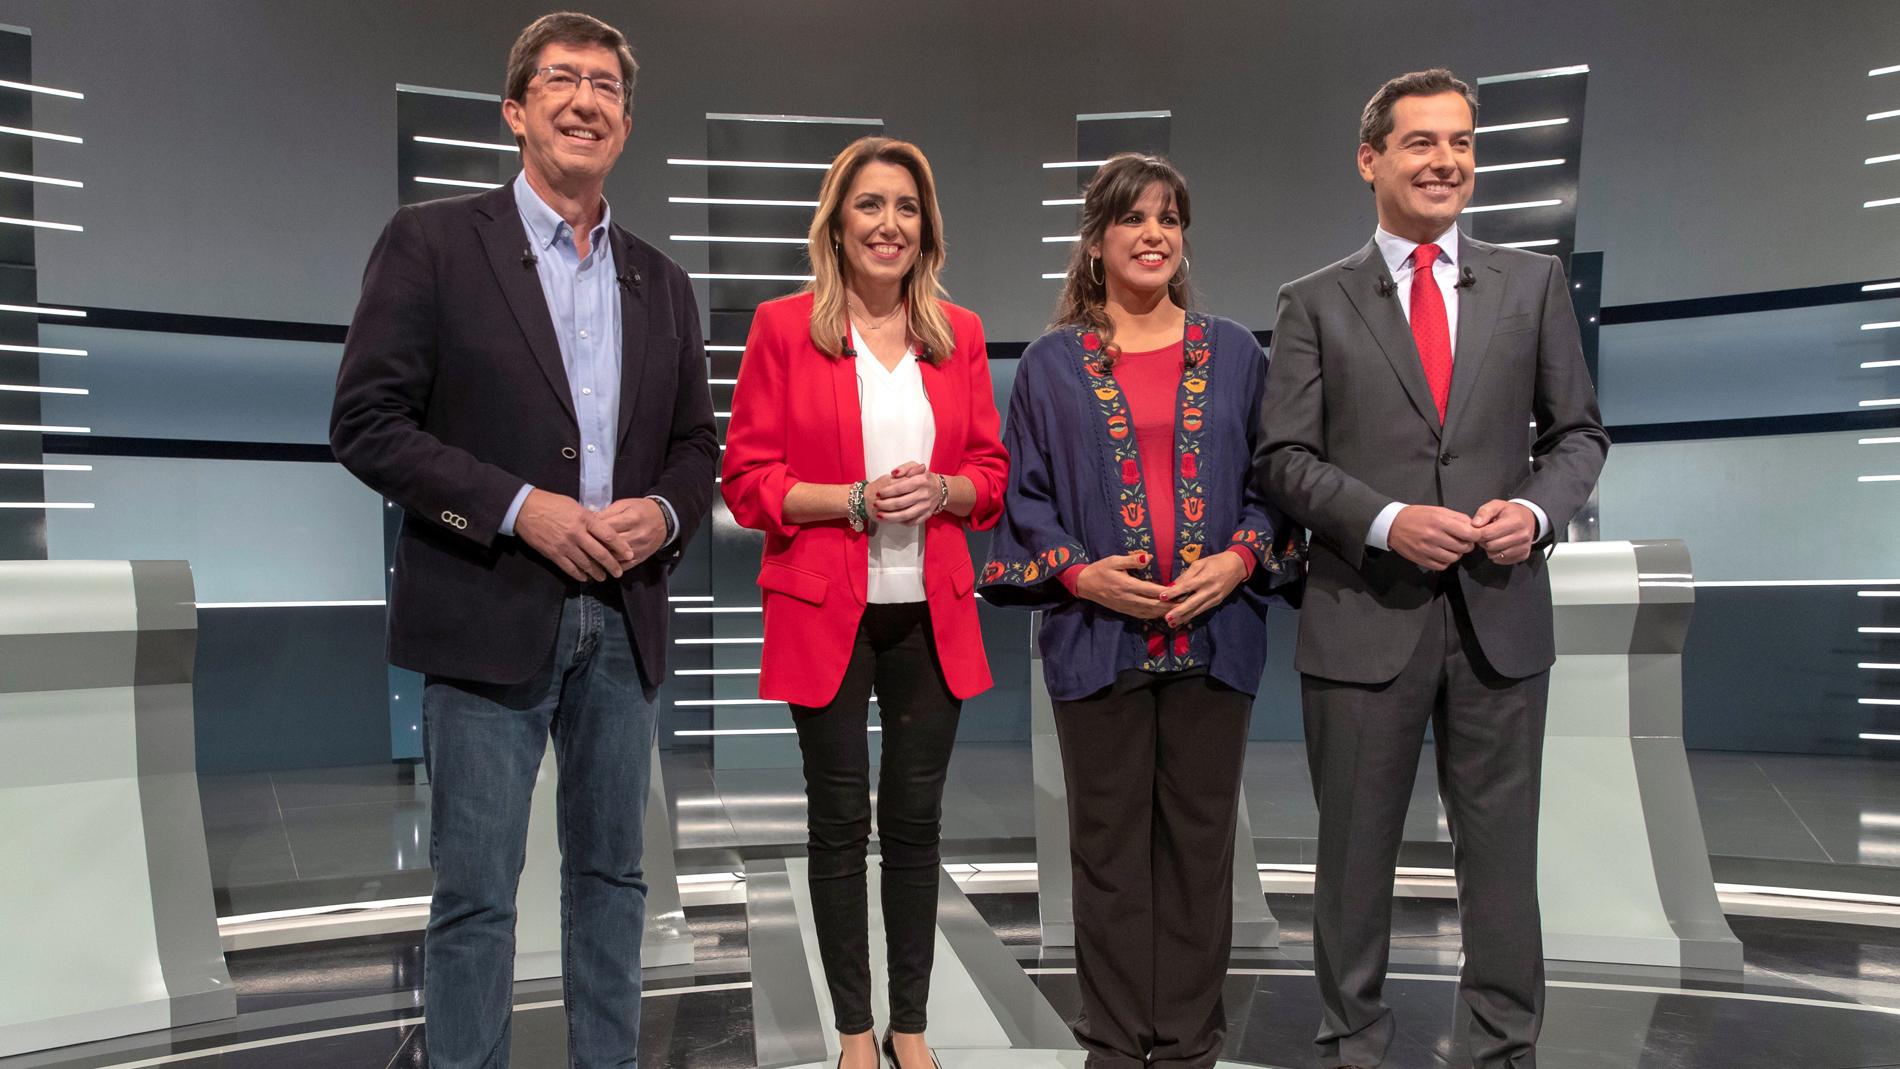 Díaz alerta de la posible coalición PP, Cs y Vox en un debate en el que no se aclaran los posibles pactos tras el 2-D